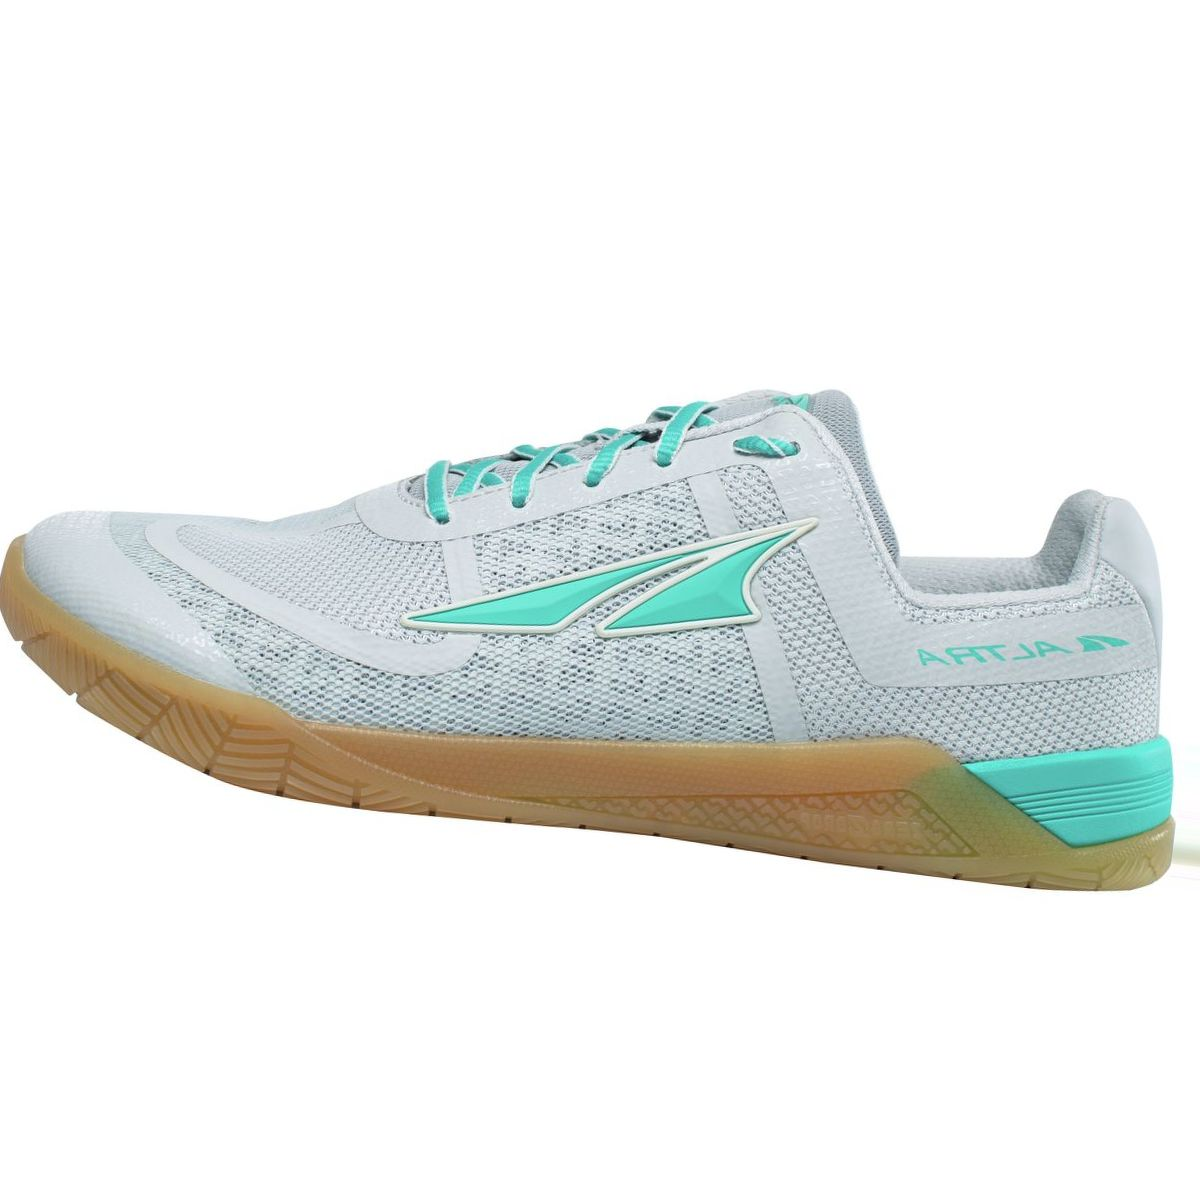 Altra Hiit XT 1.5 Running Shoe - Women's